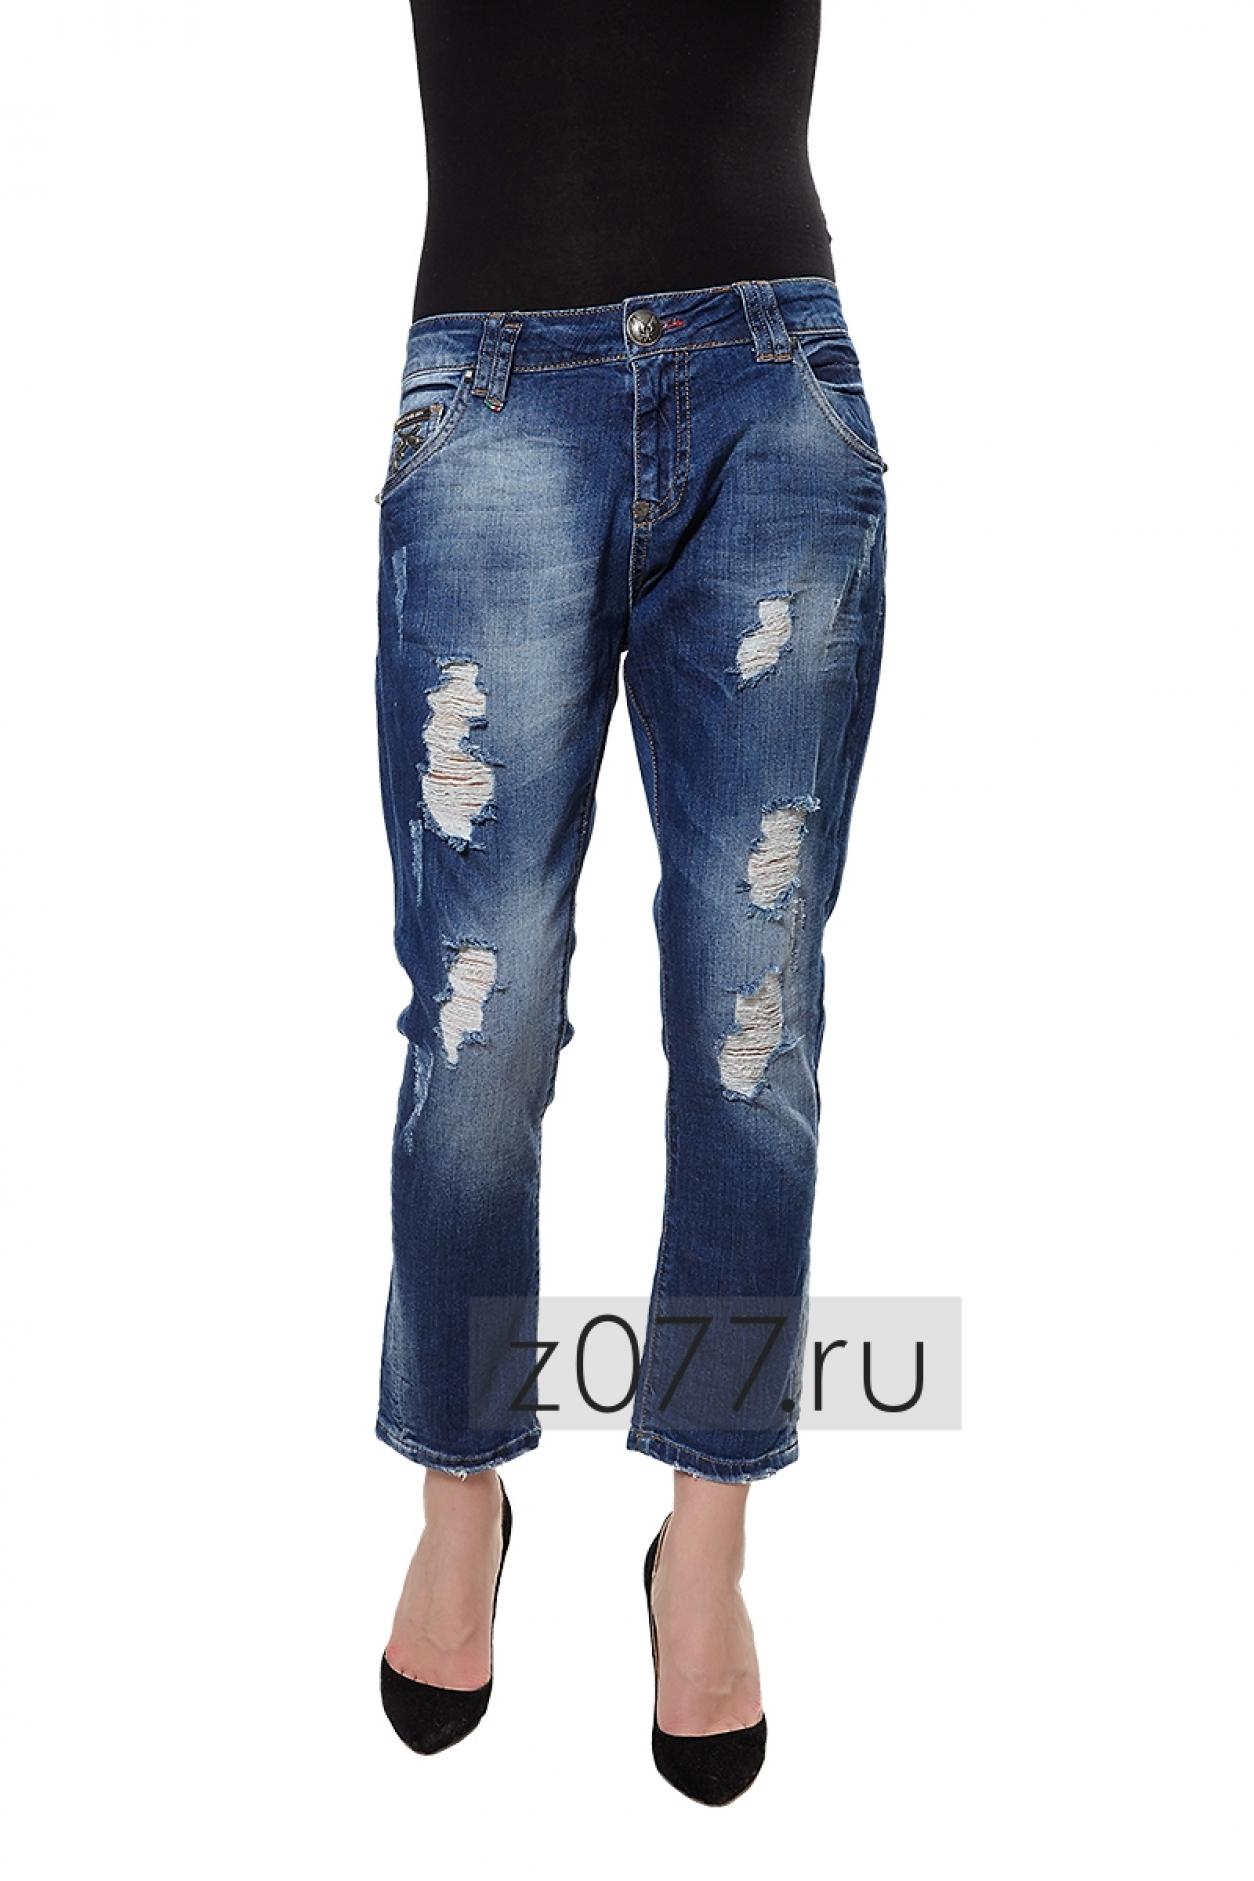 8e307061e61 PHILIPP PLEIN бойфренды джинсы 1002 купить в Москве